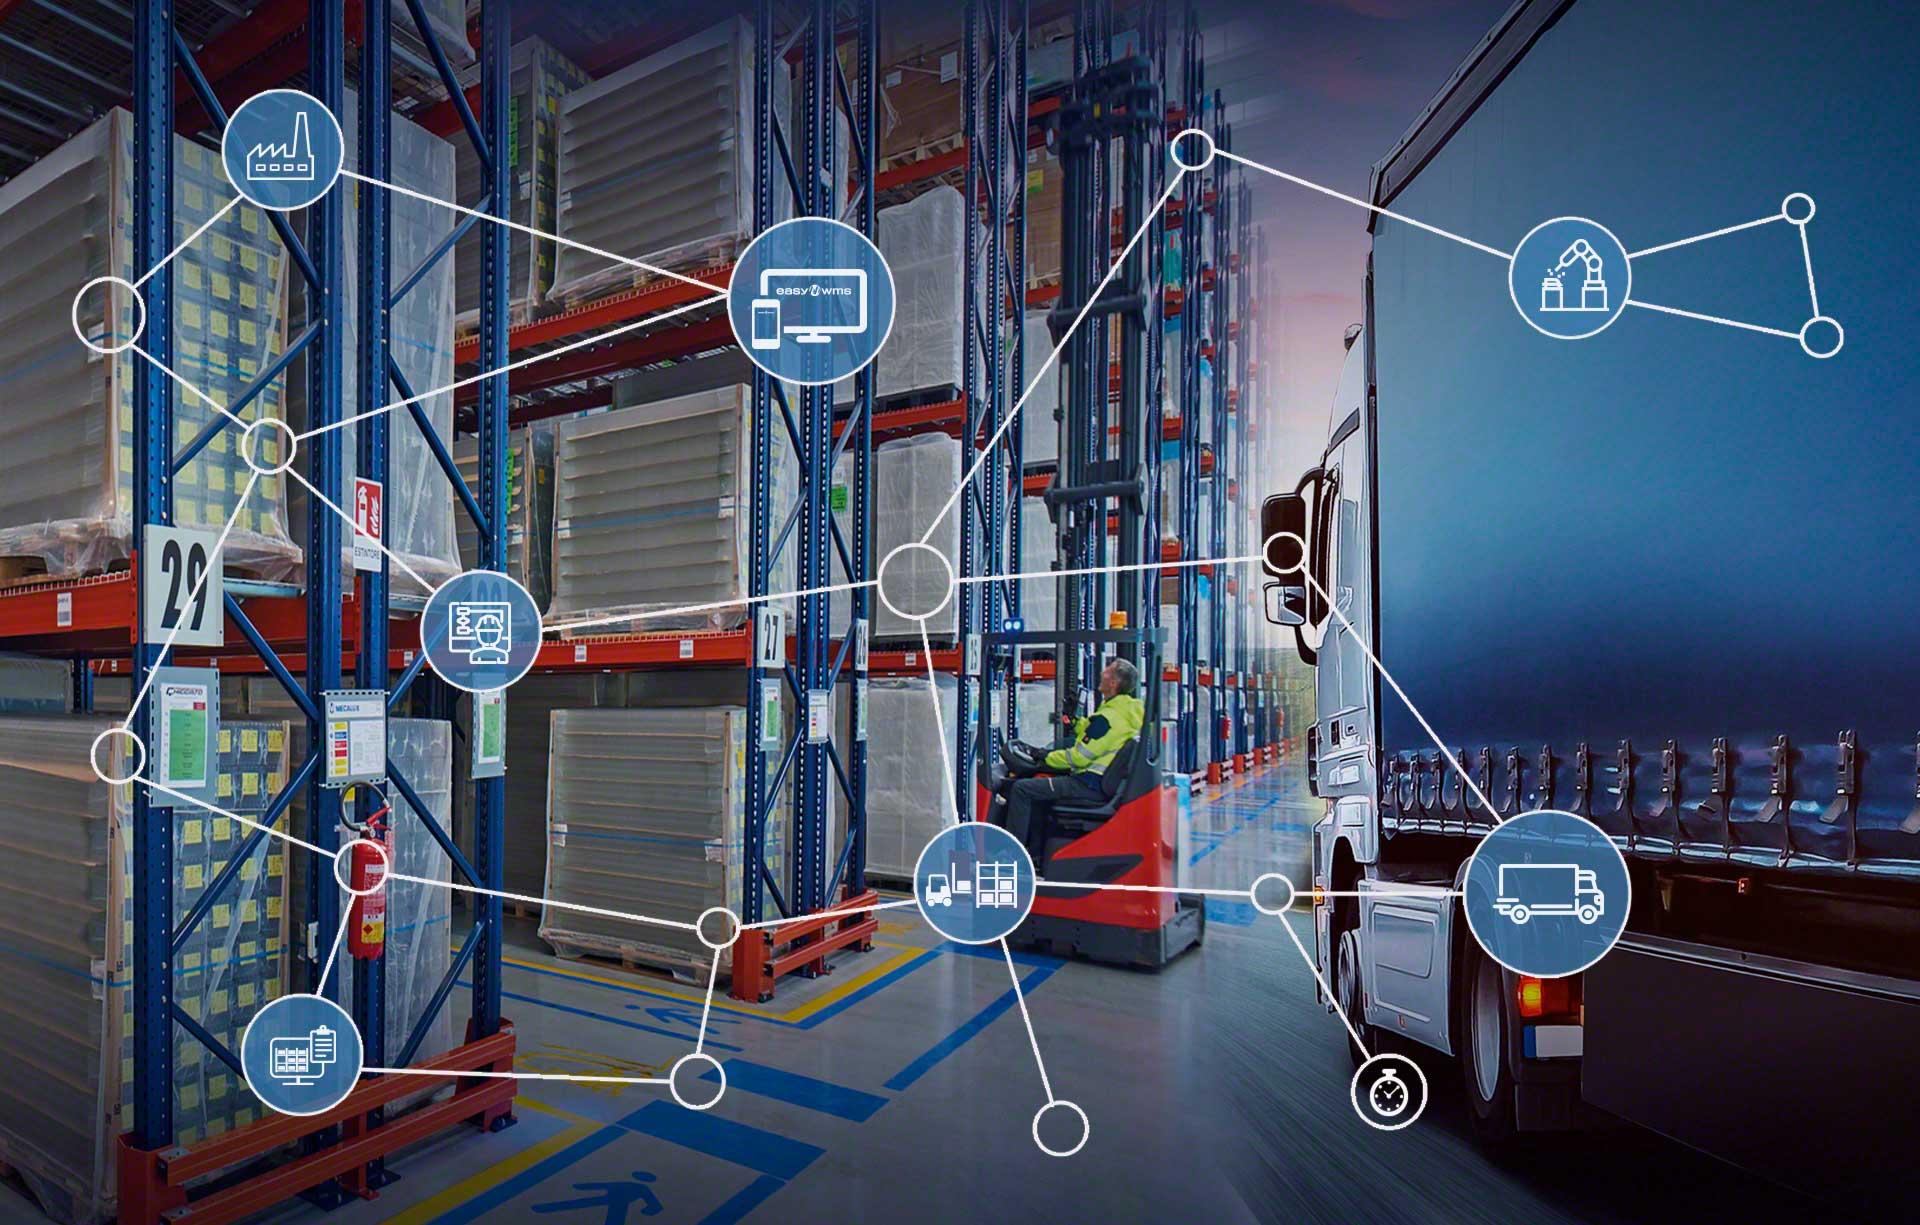 La logística integral coordina de manera conjunta todos los elementos que intervienen en la cadena de suministro